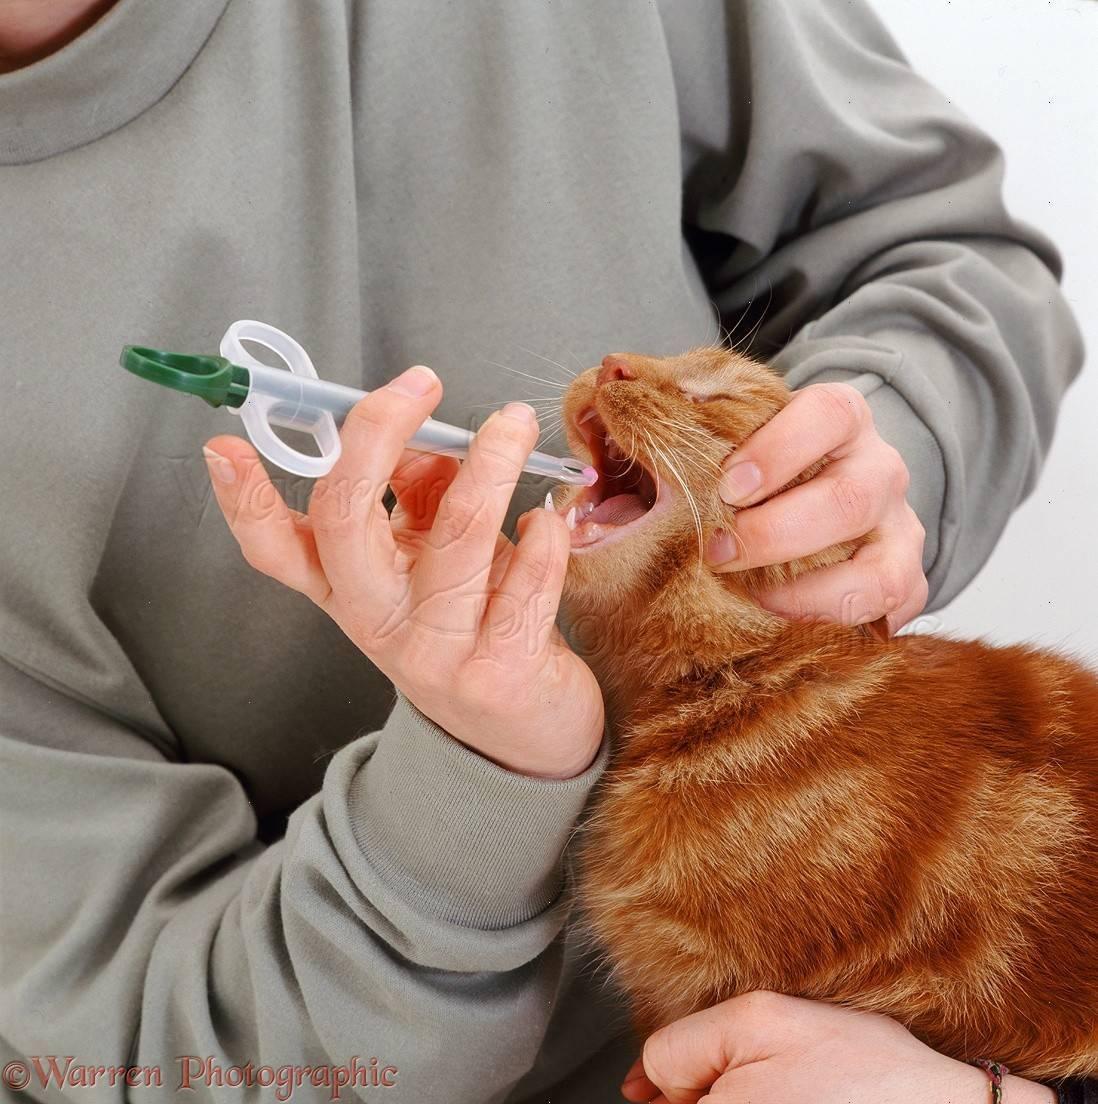 Как давать кошке таблетку или лекарства из шприца, что делать, если она упирается и выплевывает средство?